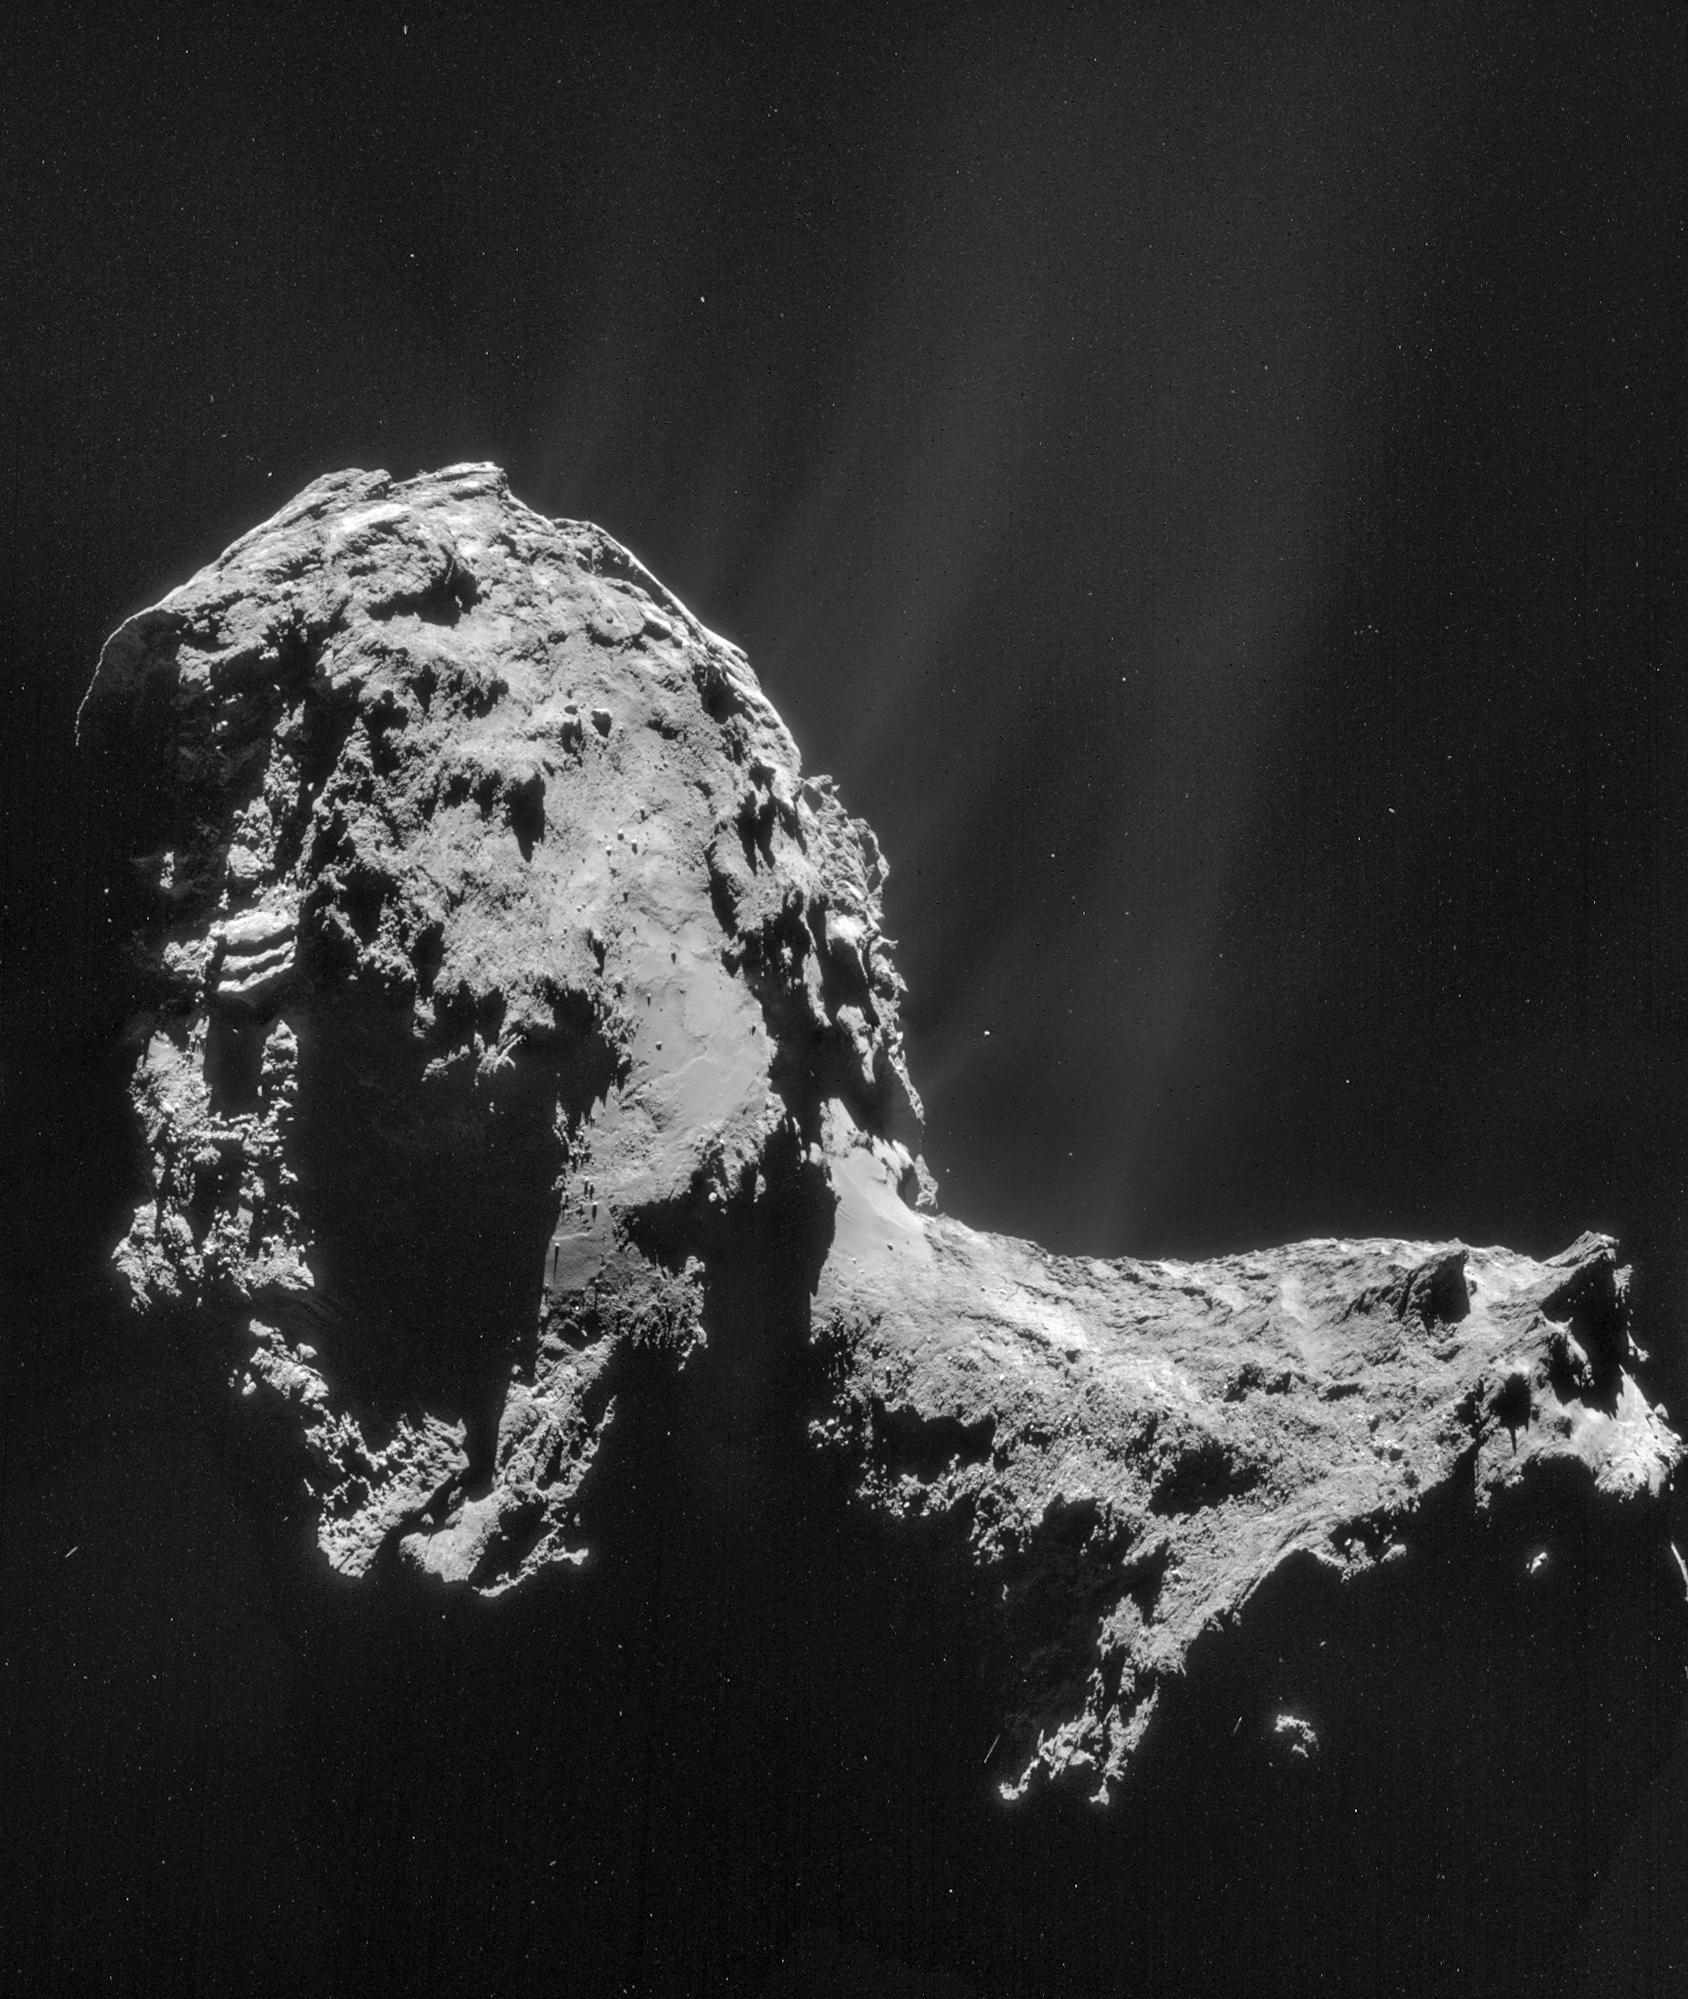 1567216555352-Rosetta_NAVCAM_comet_67P_20141120a_mosaic.jpeg